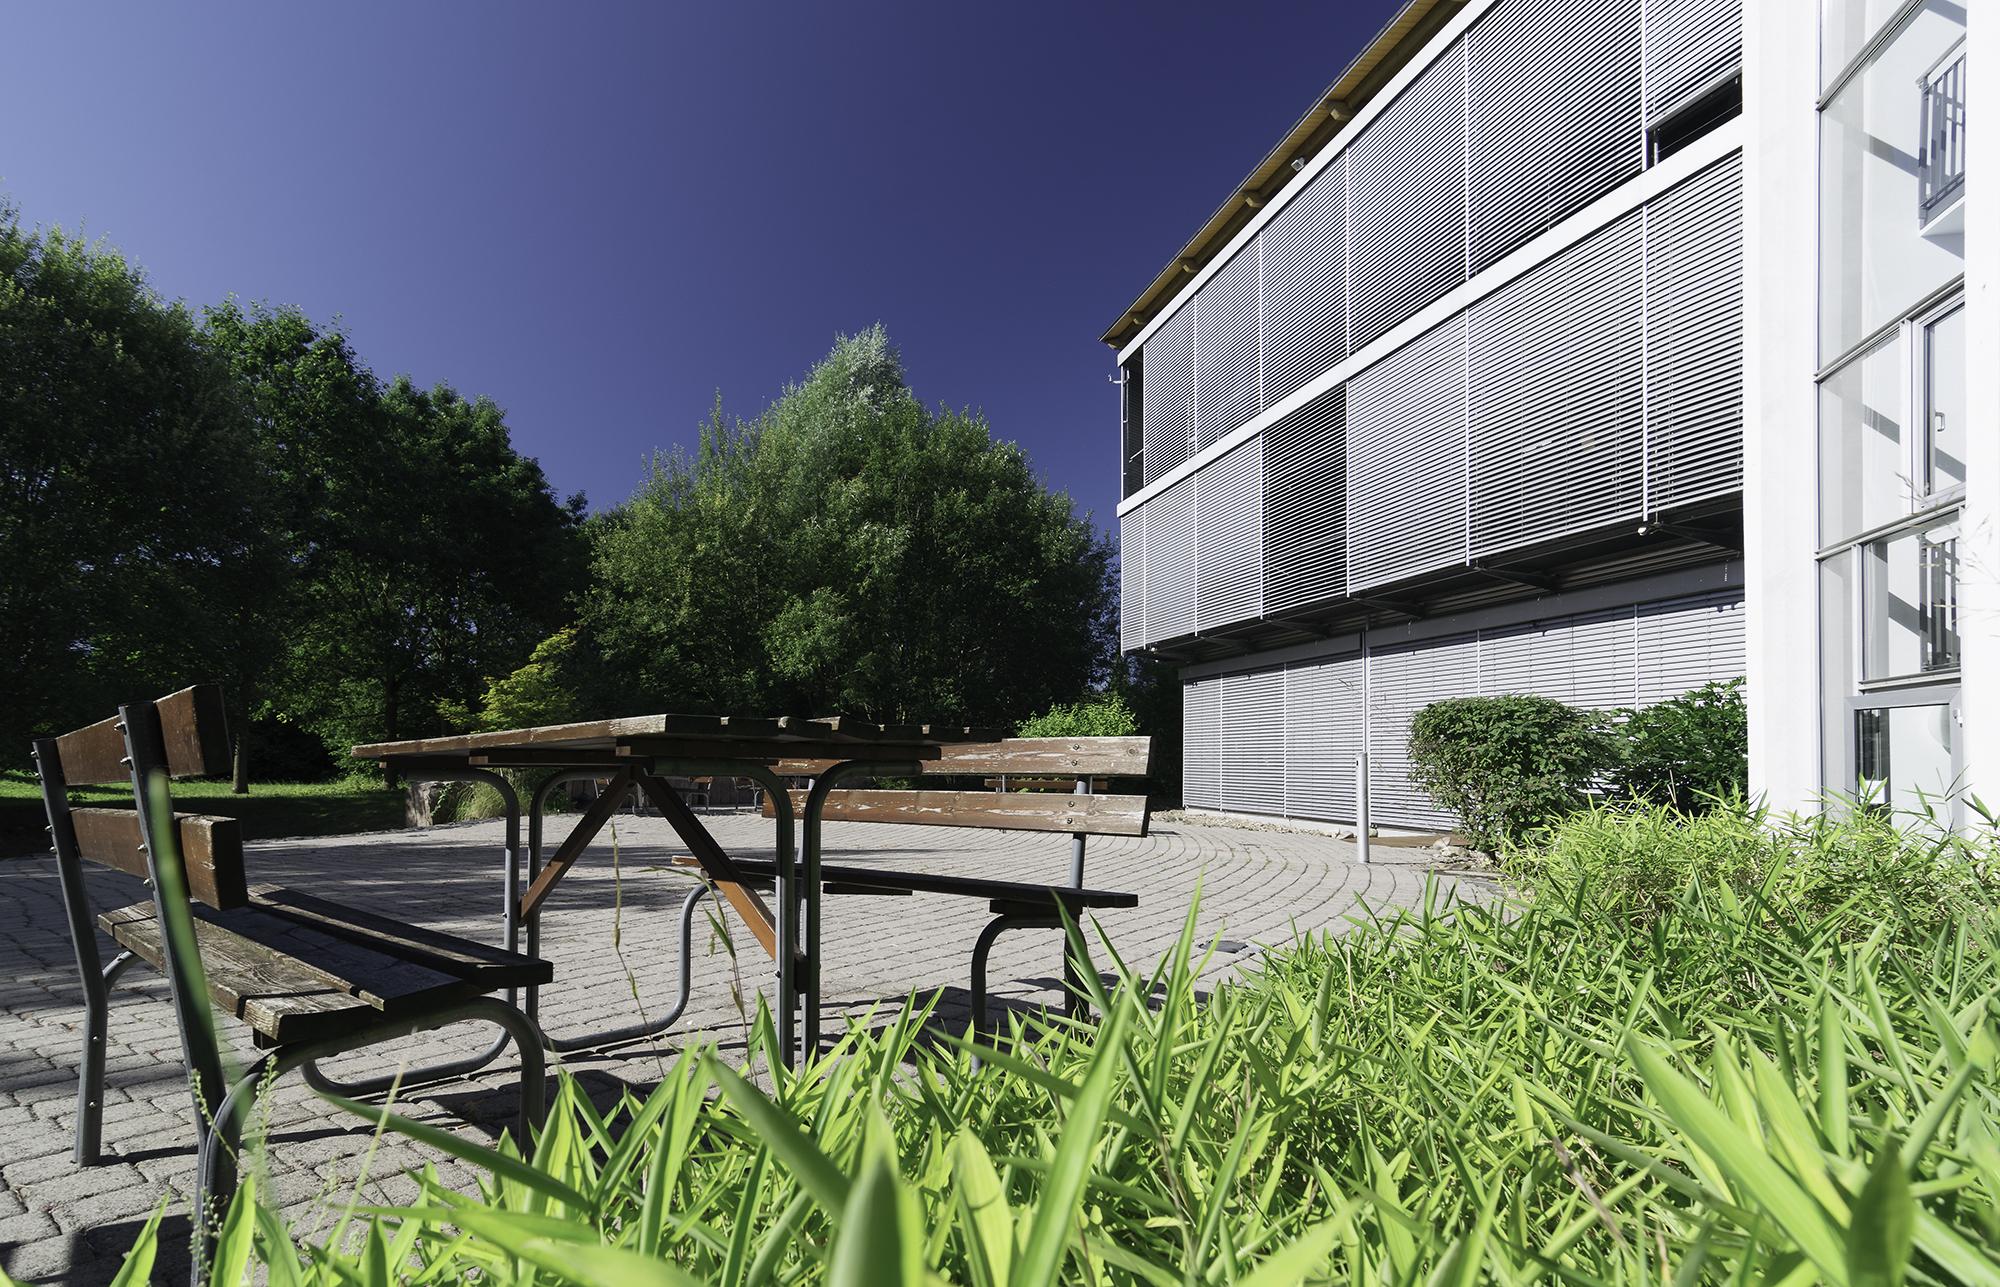 terrasse mit VG2